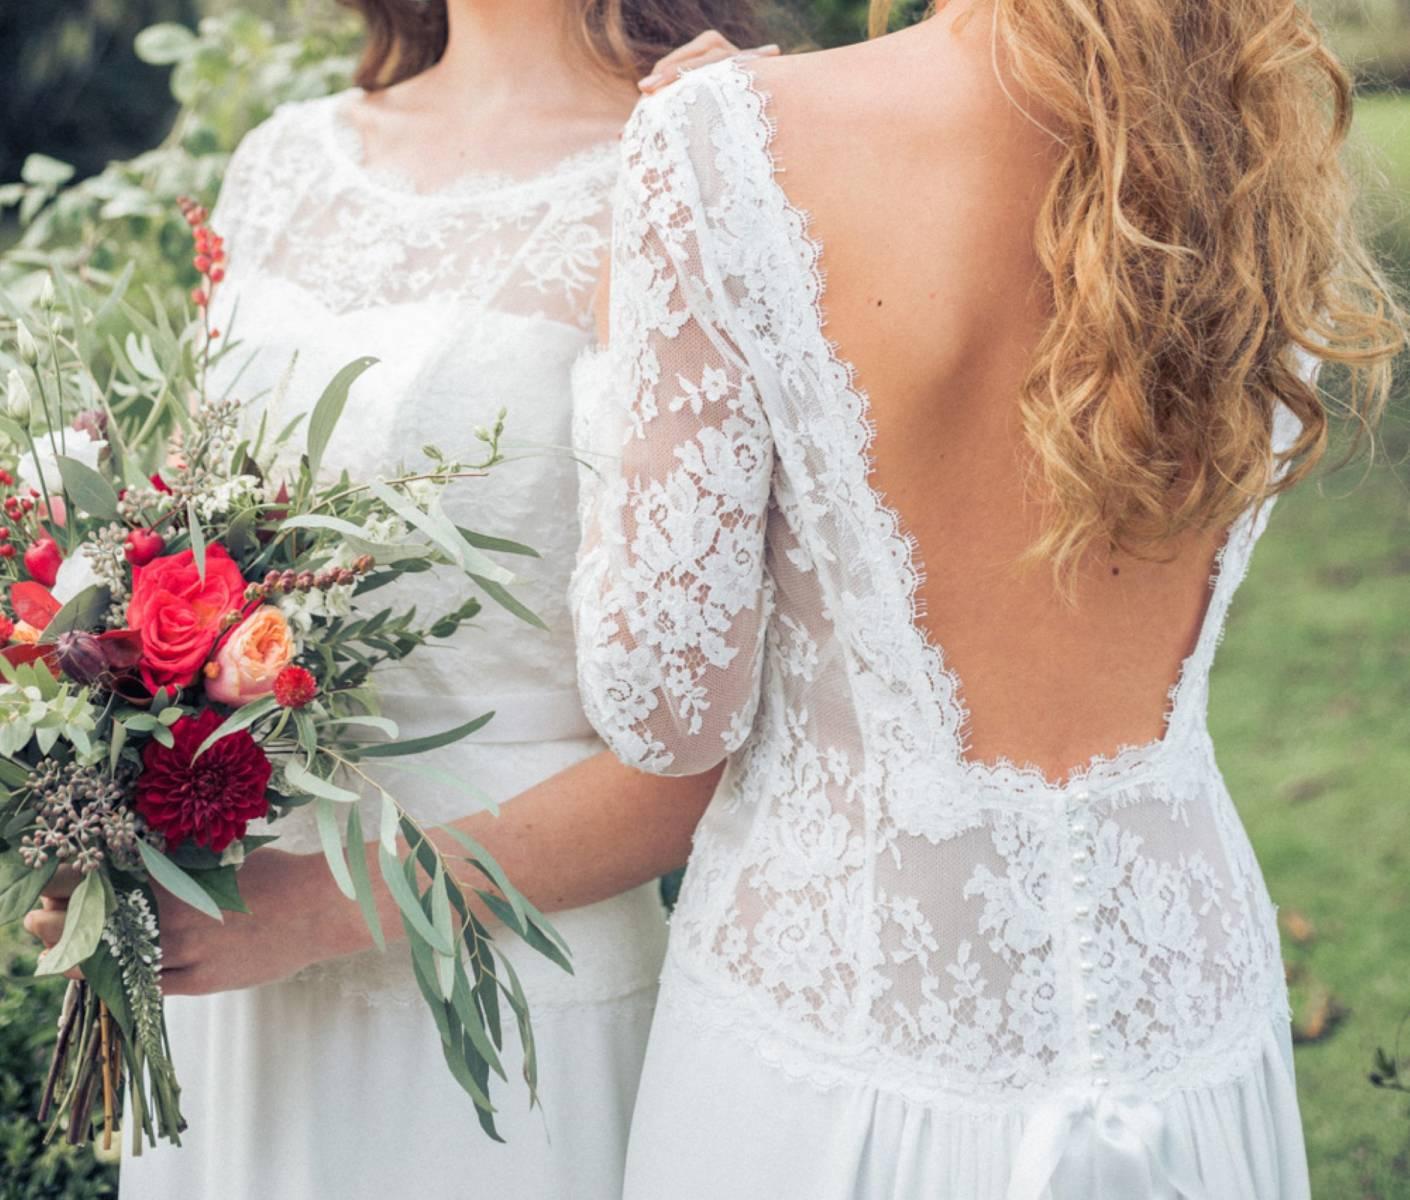 House of Weddings Charline Verbeken Trouwjurk Bruidsjurk Couture Trouwkleed Trouwen Huwelijk Mariage  (33)